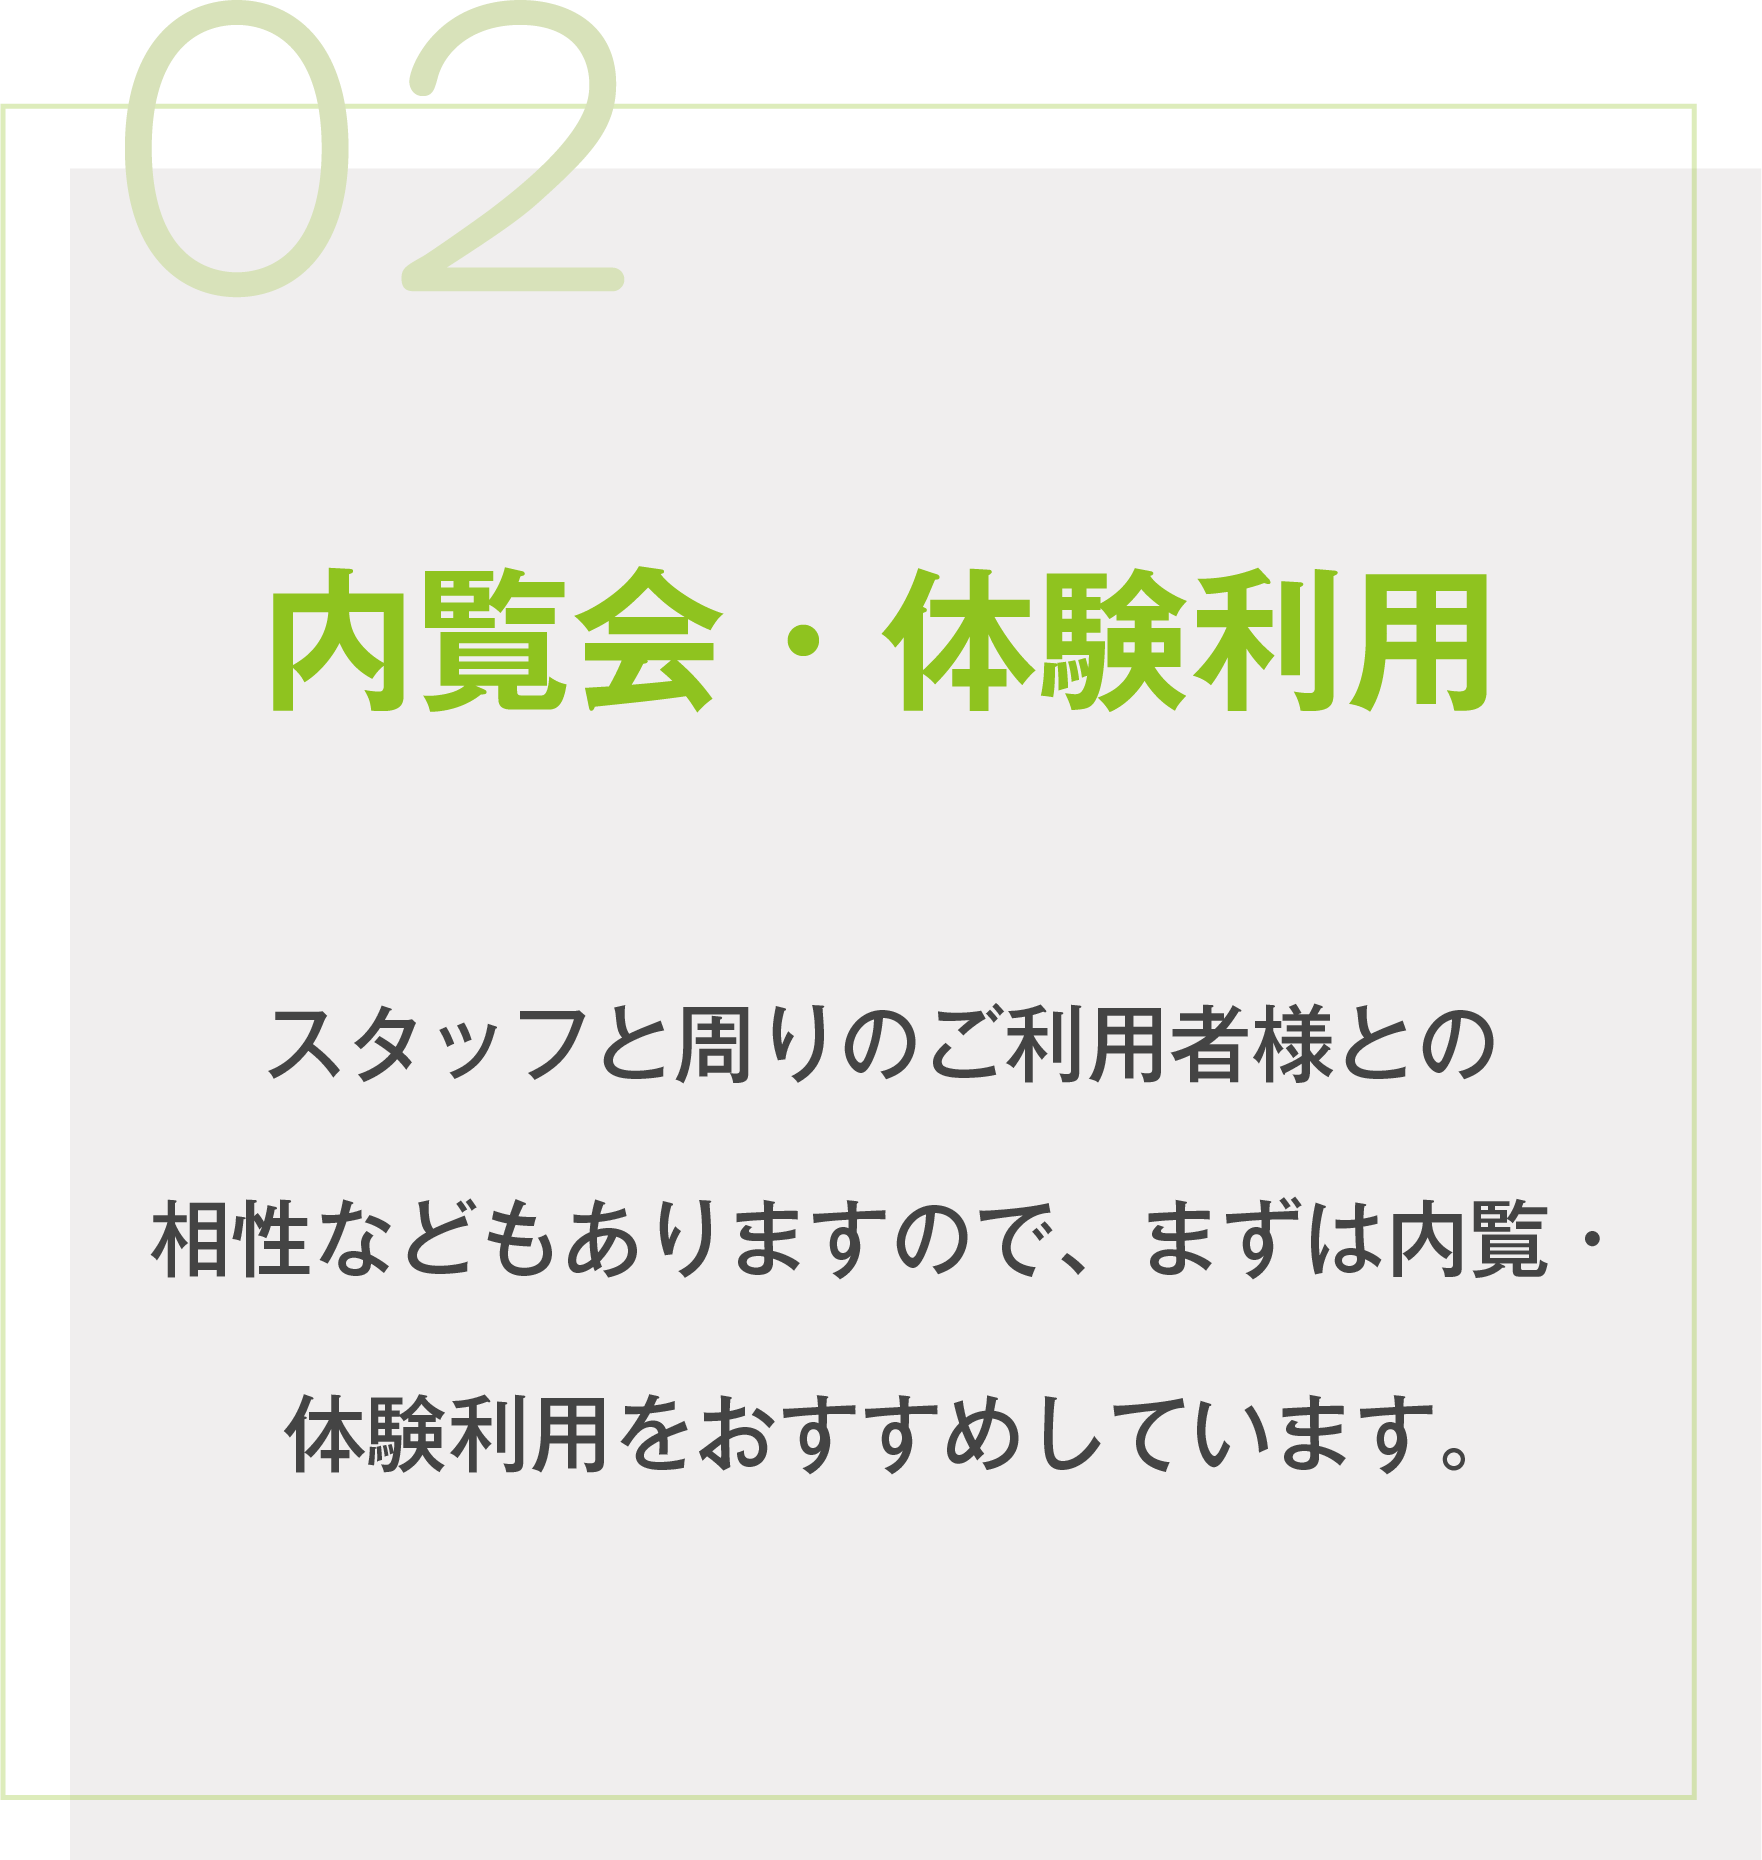 栃木県宇都宮市の障がい者自立支援・共同生活支援 | 障害者グループホーム ファミリー宇都宮のpc画像 | 02.内覧会・体験利用 スタッフと周りのご利用者様との相性などもありますので、まずは内覧・体験利用をおすすめしています。